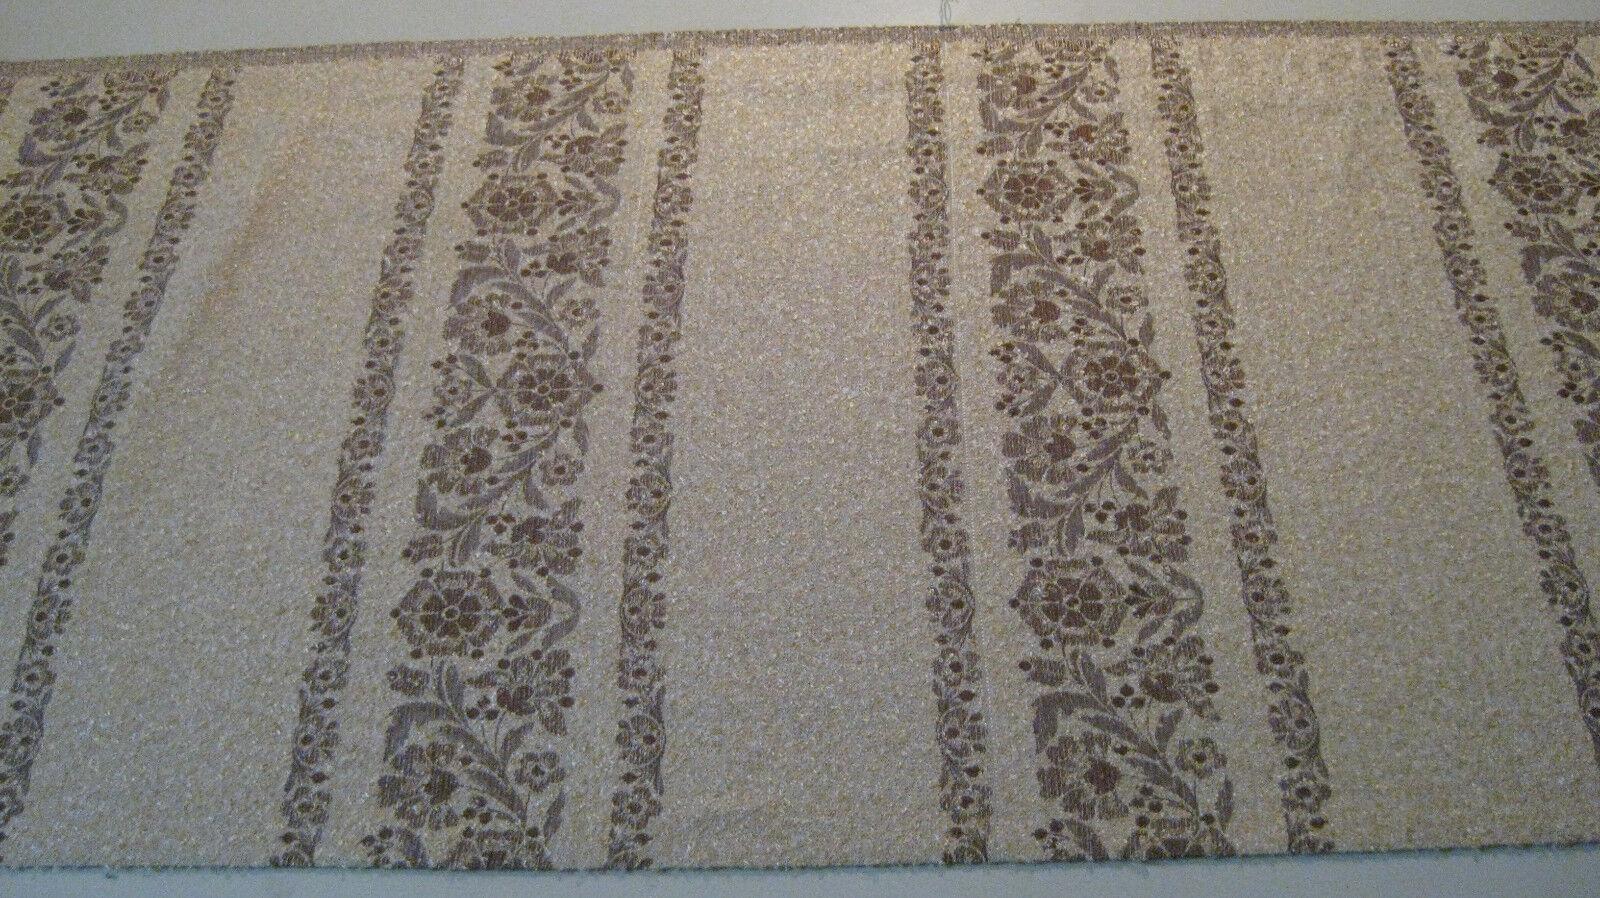 70er 80er 90er Vorhang Retro Stoff Vintage Vintage Vintage Store - 1000 x 120 cm - Lot 227 9ad154